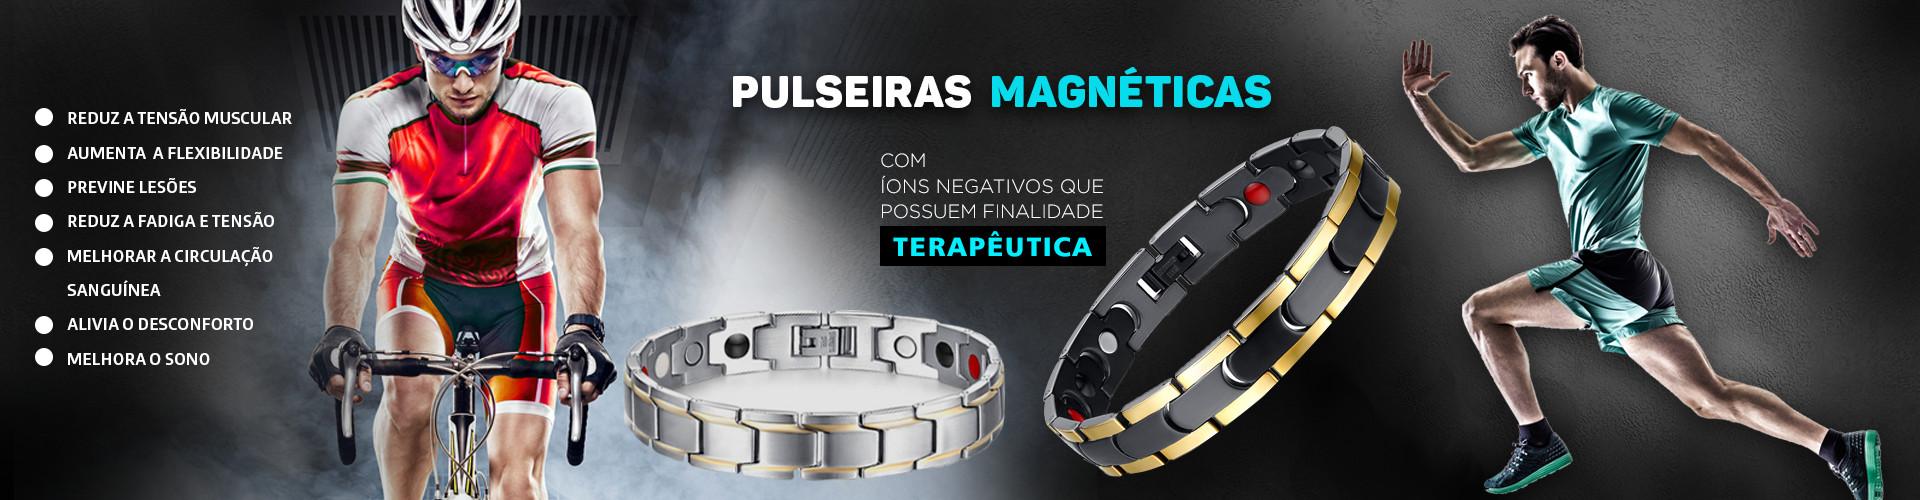 Banner pulseira magnetica  beneficios